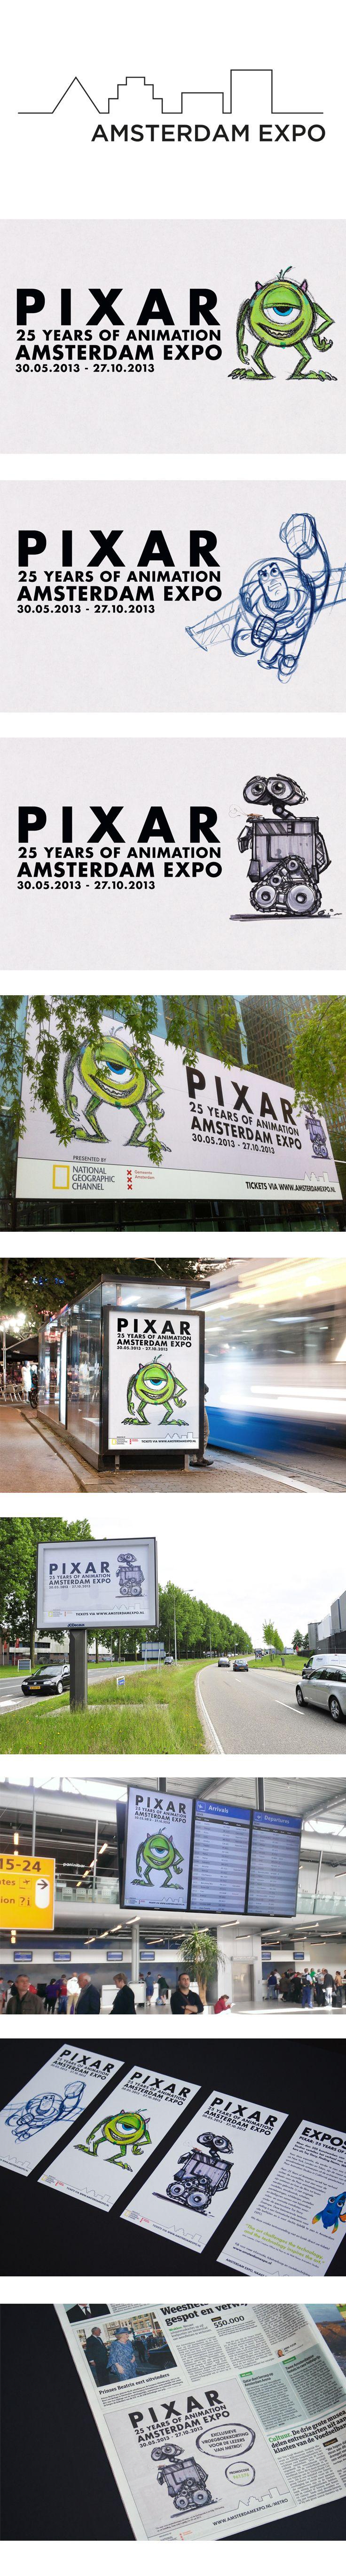 Amsterdam EXPO opende op donderdag 30 mei 2013 haar deuren voor de internationale expositie Pixar: 25 Years of Animation. Voor deze expositie zijn meer dan 500 oorspronkelijke kunstwerken geselecteerd uit de archieven van Pixar Animation Studios in Californië. ZIGT Studio is gevraagd om een basisontwerp te maken op basis van het bestaande 'artwork' van de expositie. Op basis van deze beelden hebben wij  zo goed als alle on- en offline (campagne)materiaal ontwerpen en geproduceerd.